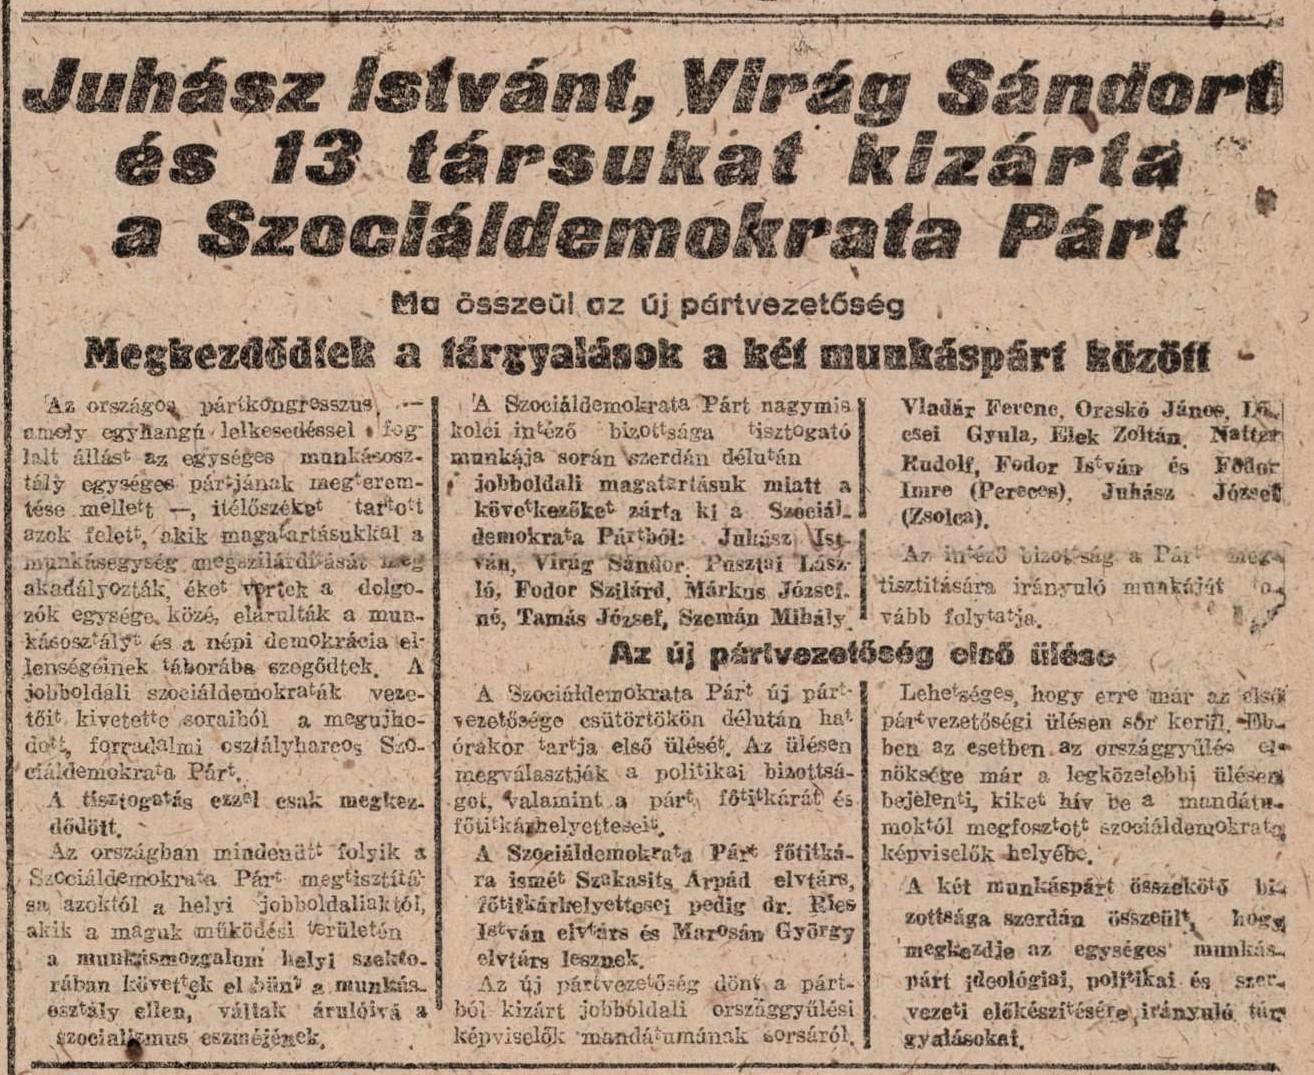 Szociáldemokrácia jelentése